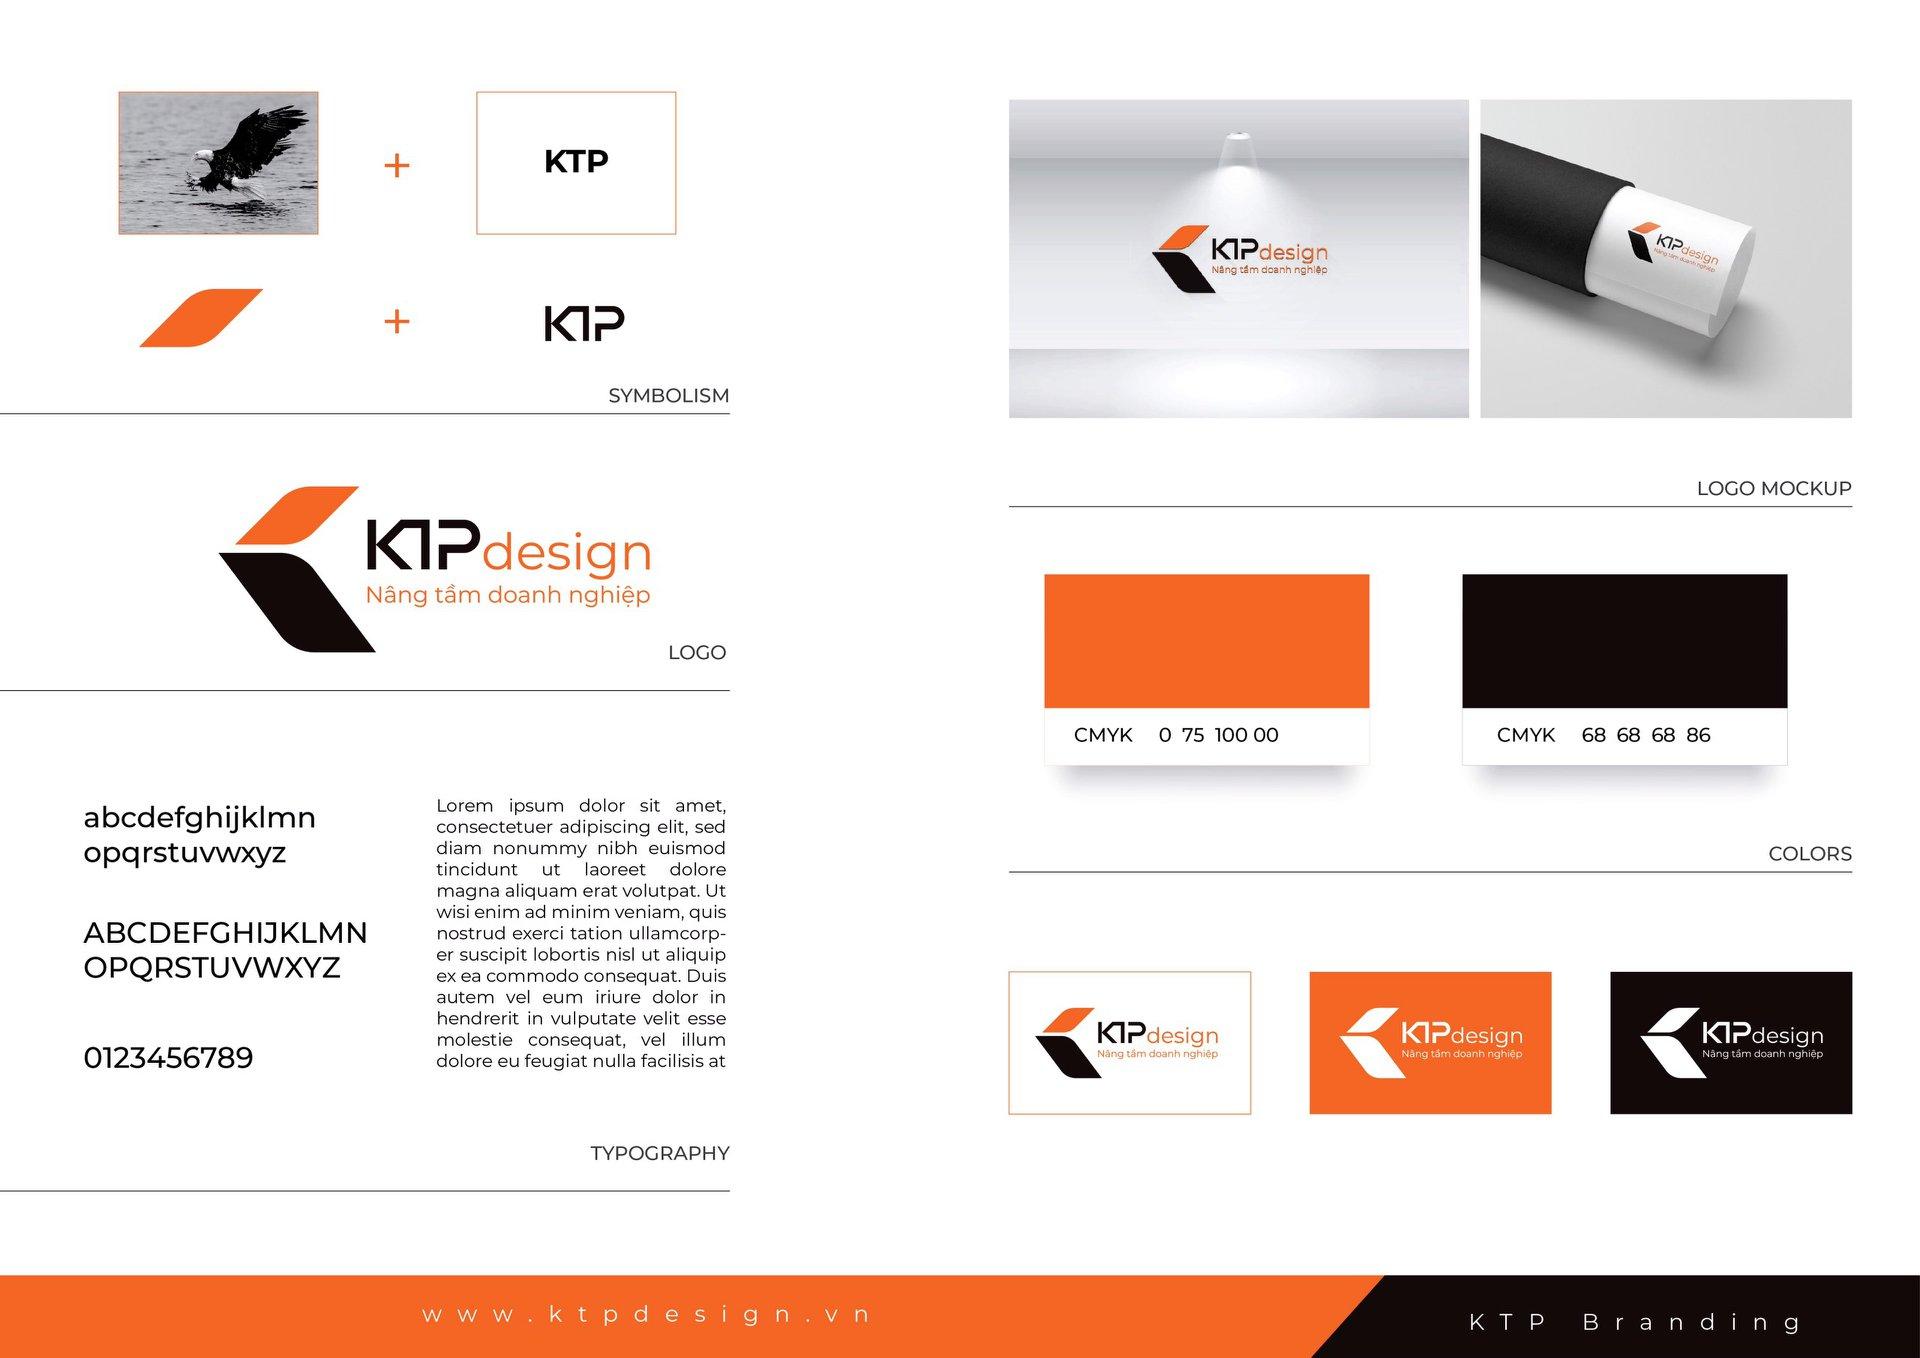 Ý nghĩa Logo công ty KTPdesign